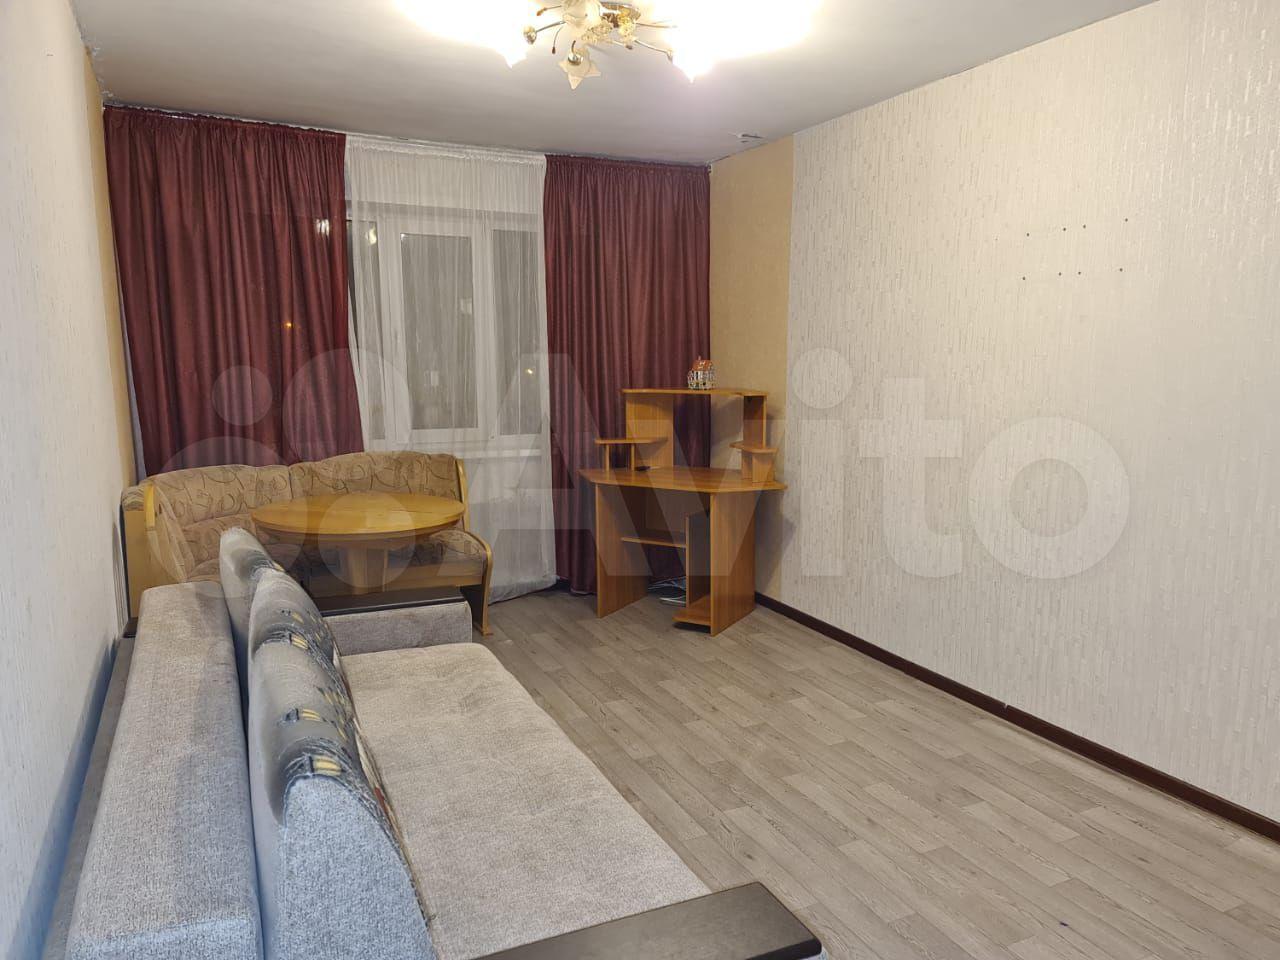 2-rums-lägenhet 43 m2, 5/5 golvet.  89642390048 köp 8